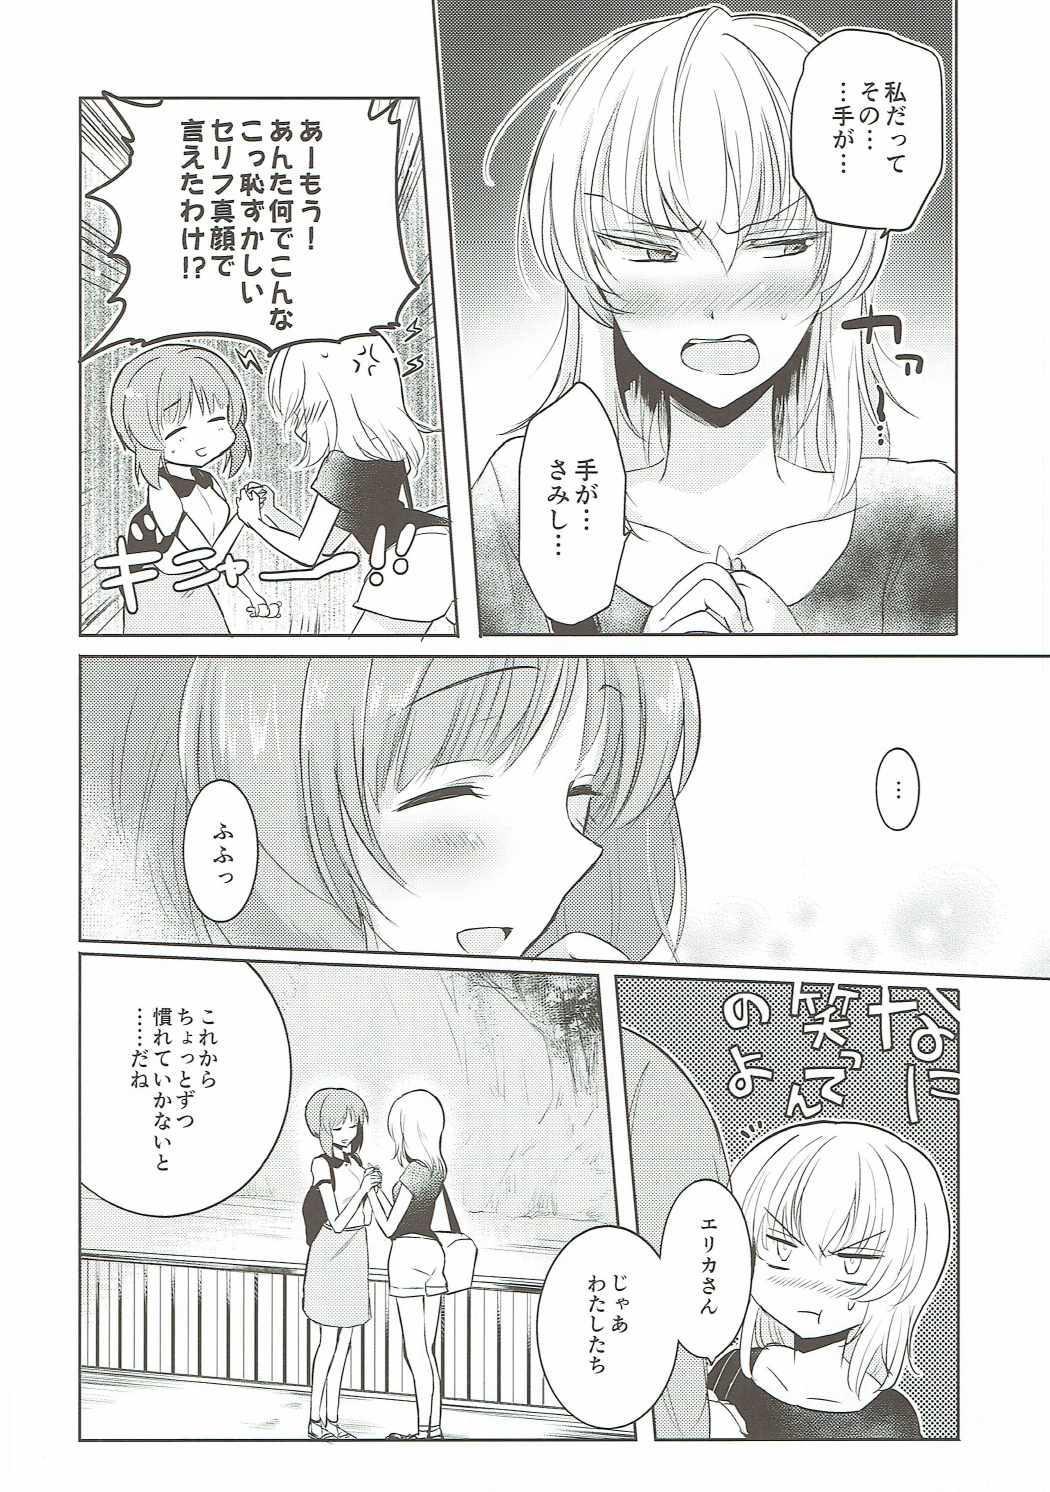 Futarikiri no Natsu 38